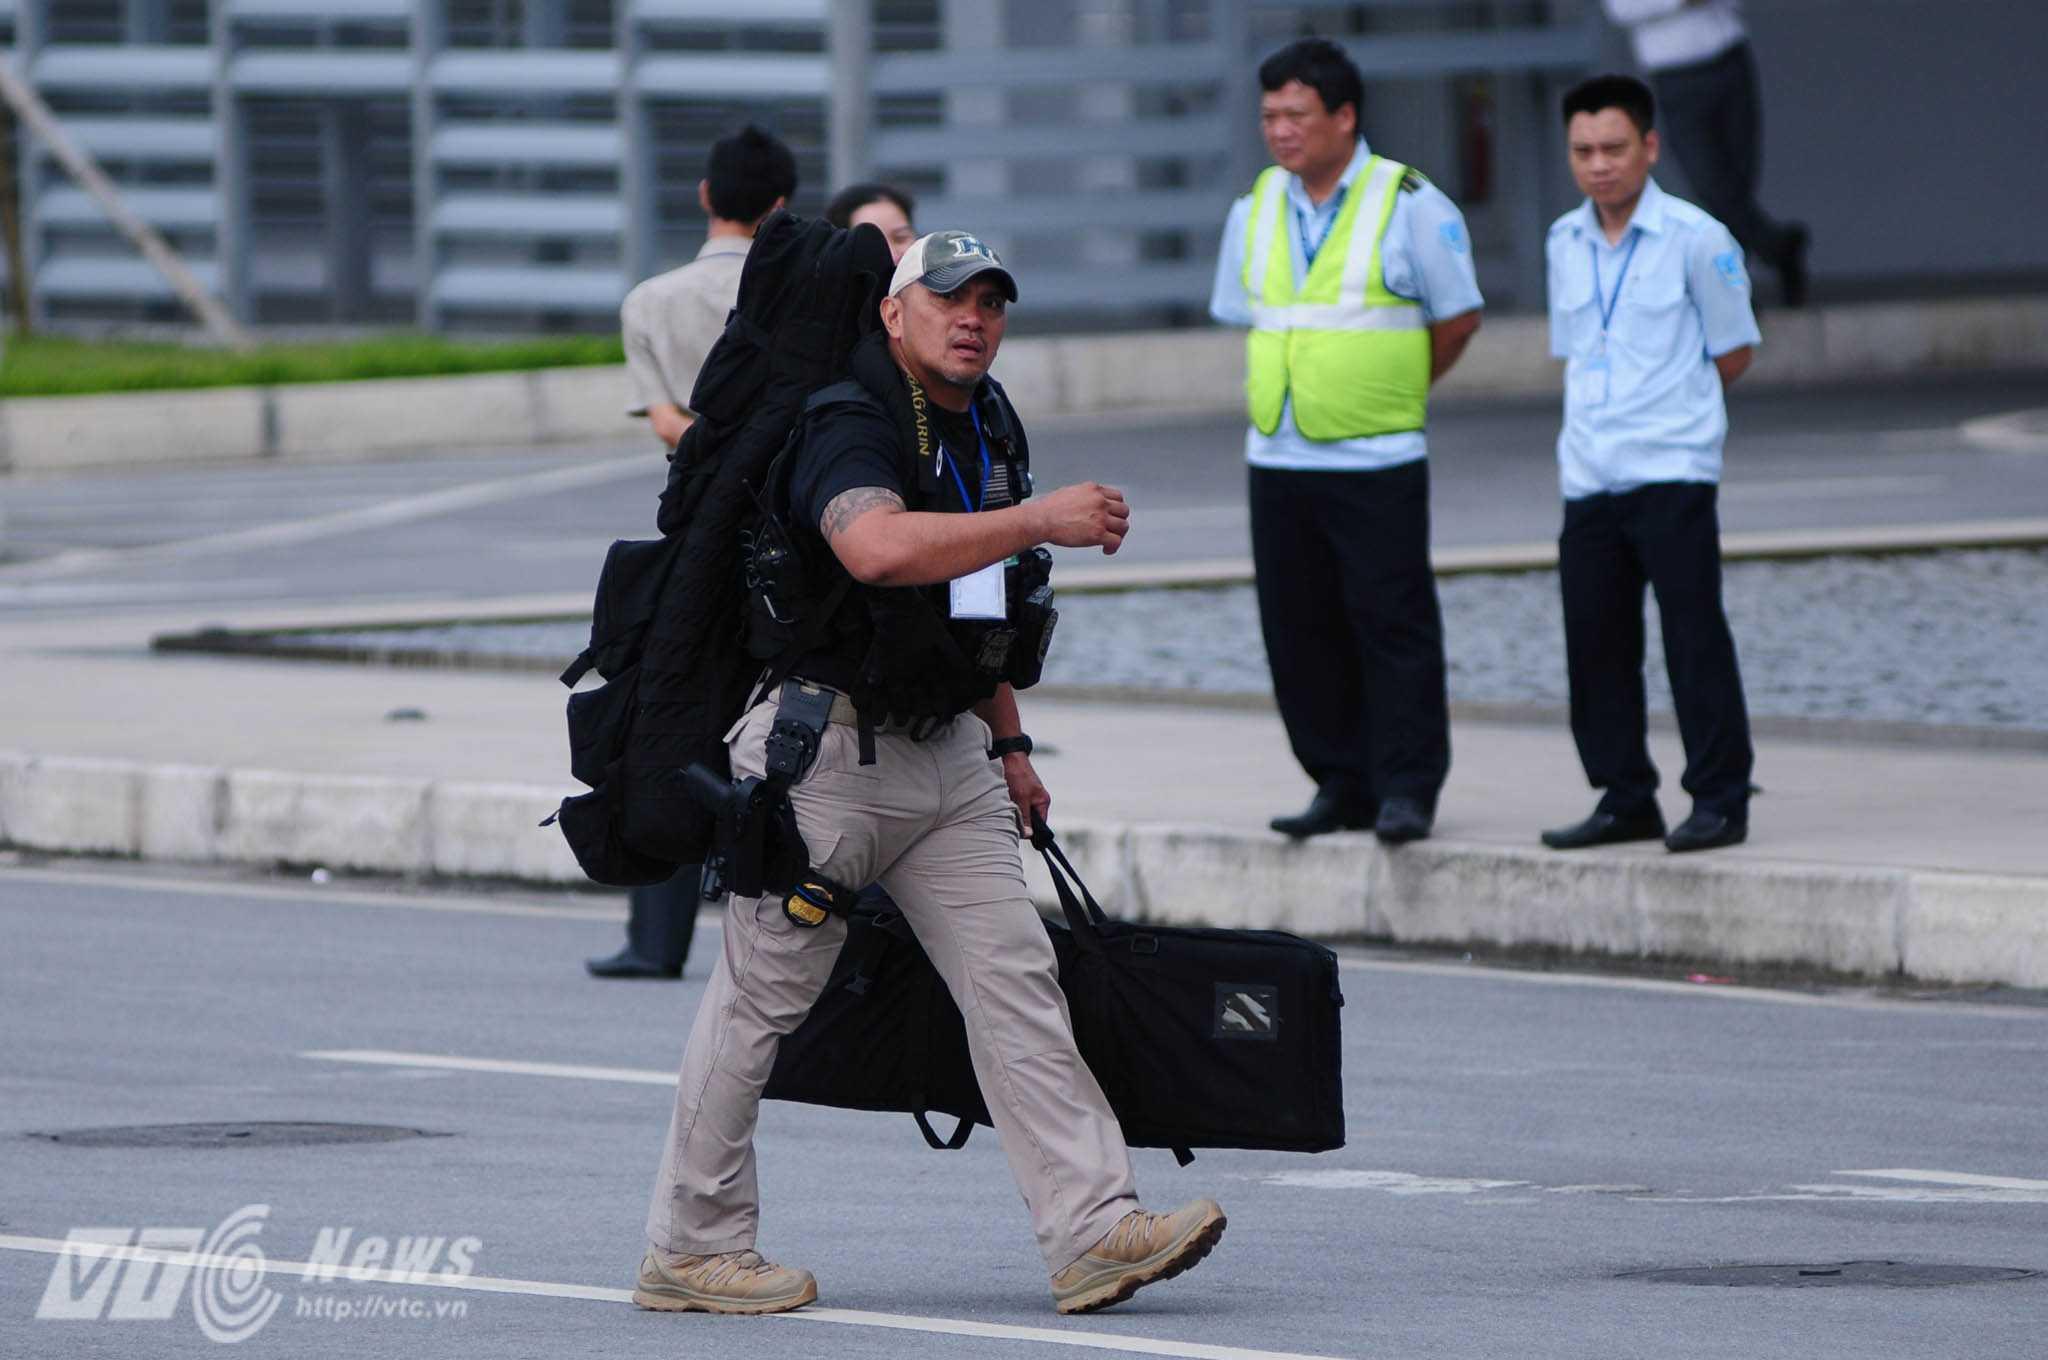 Trước khi Air Force One cất cánh khoảng 30p, các đặc nhiệm vũ trang đã có mặt ở Nội Bài - Ảnh: Tùng Đinh